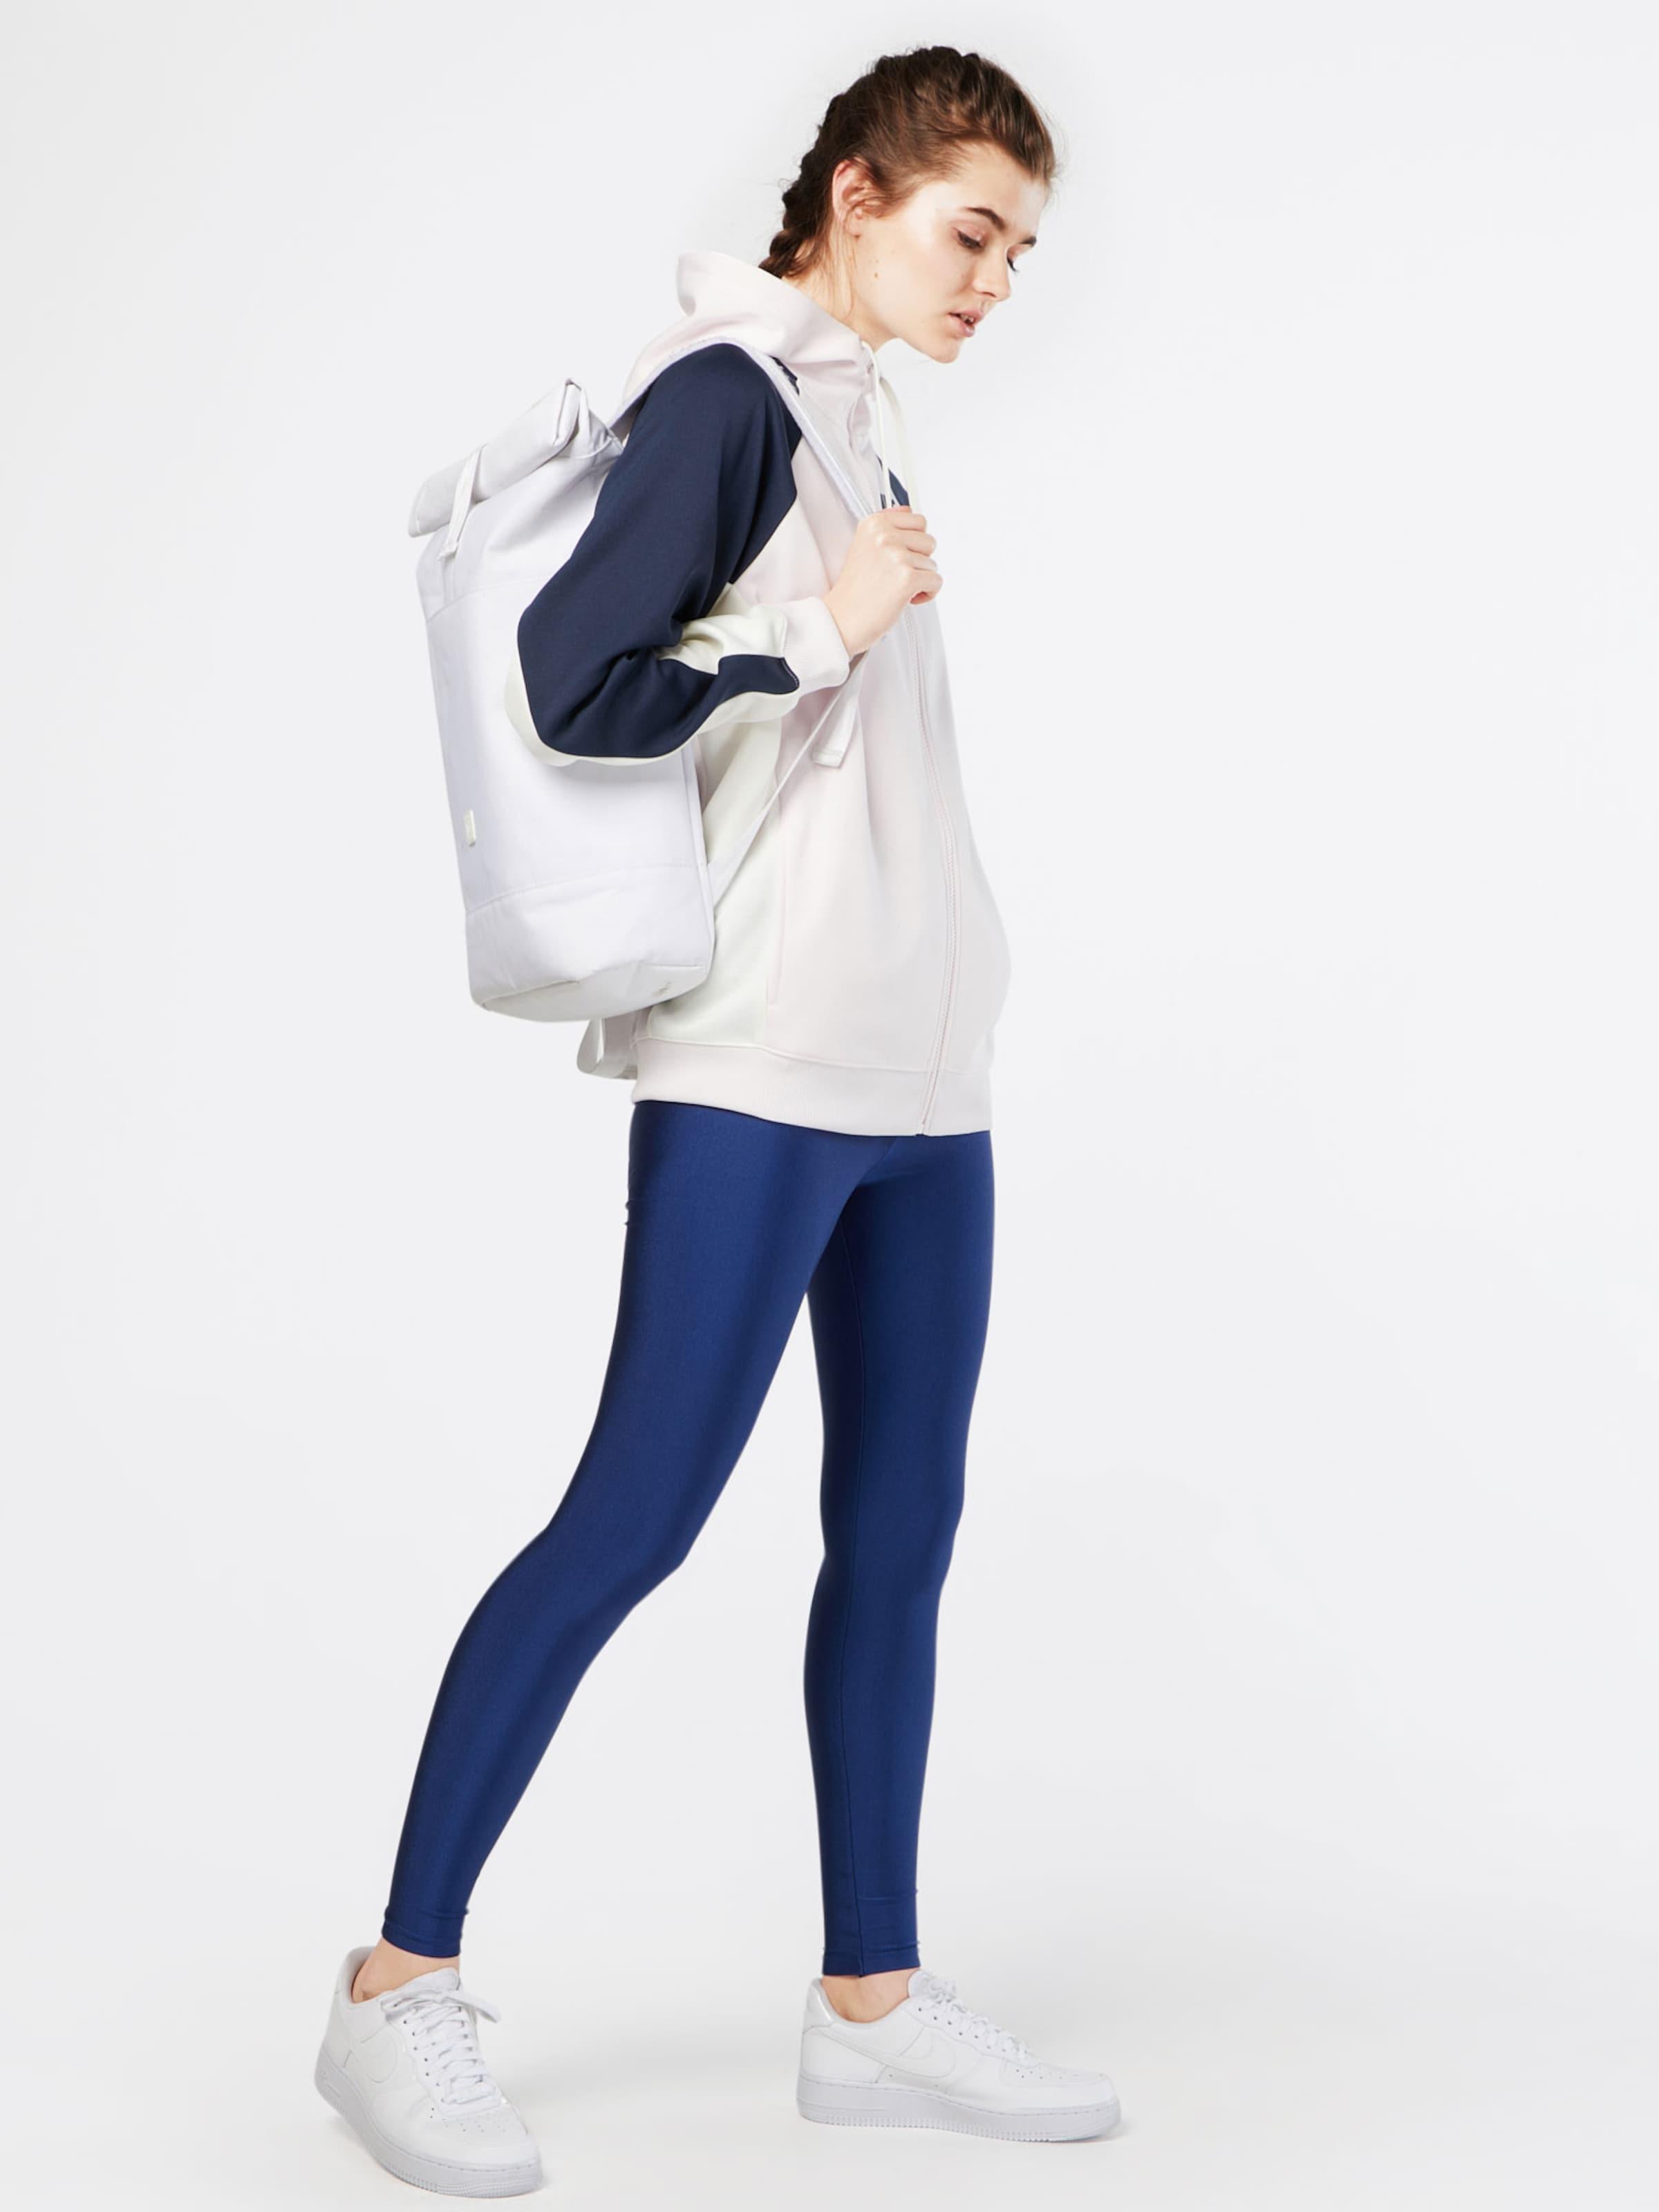 Neuesten Kollektionen Spielraum Komfortabel Nike Sportswear Kapuzenpullover iq37Q35G